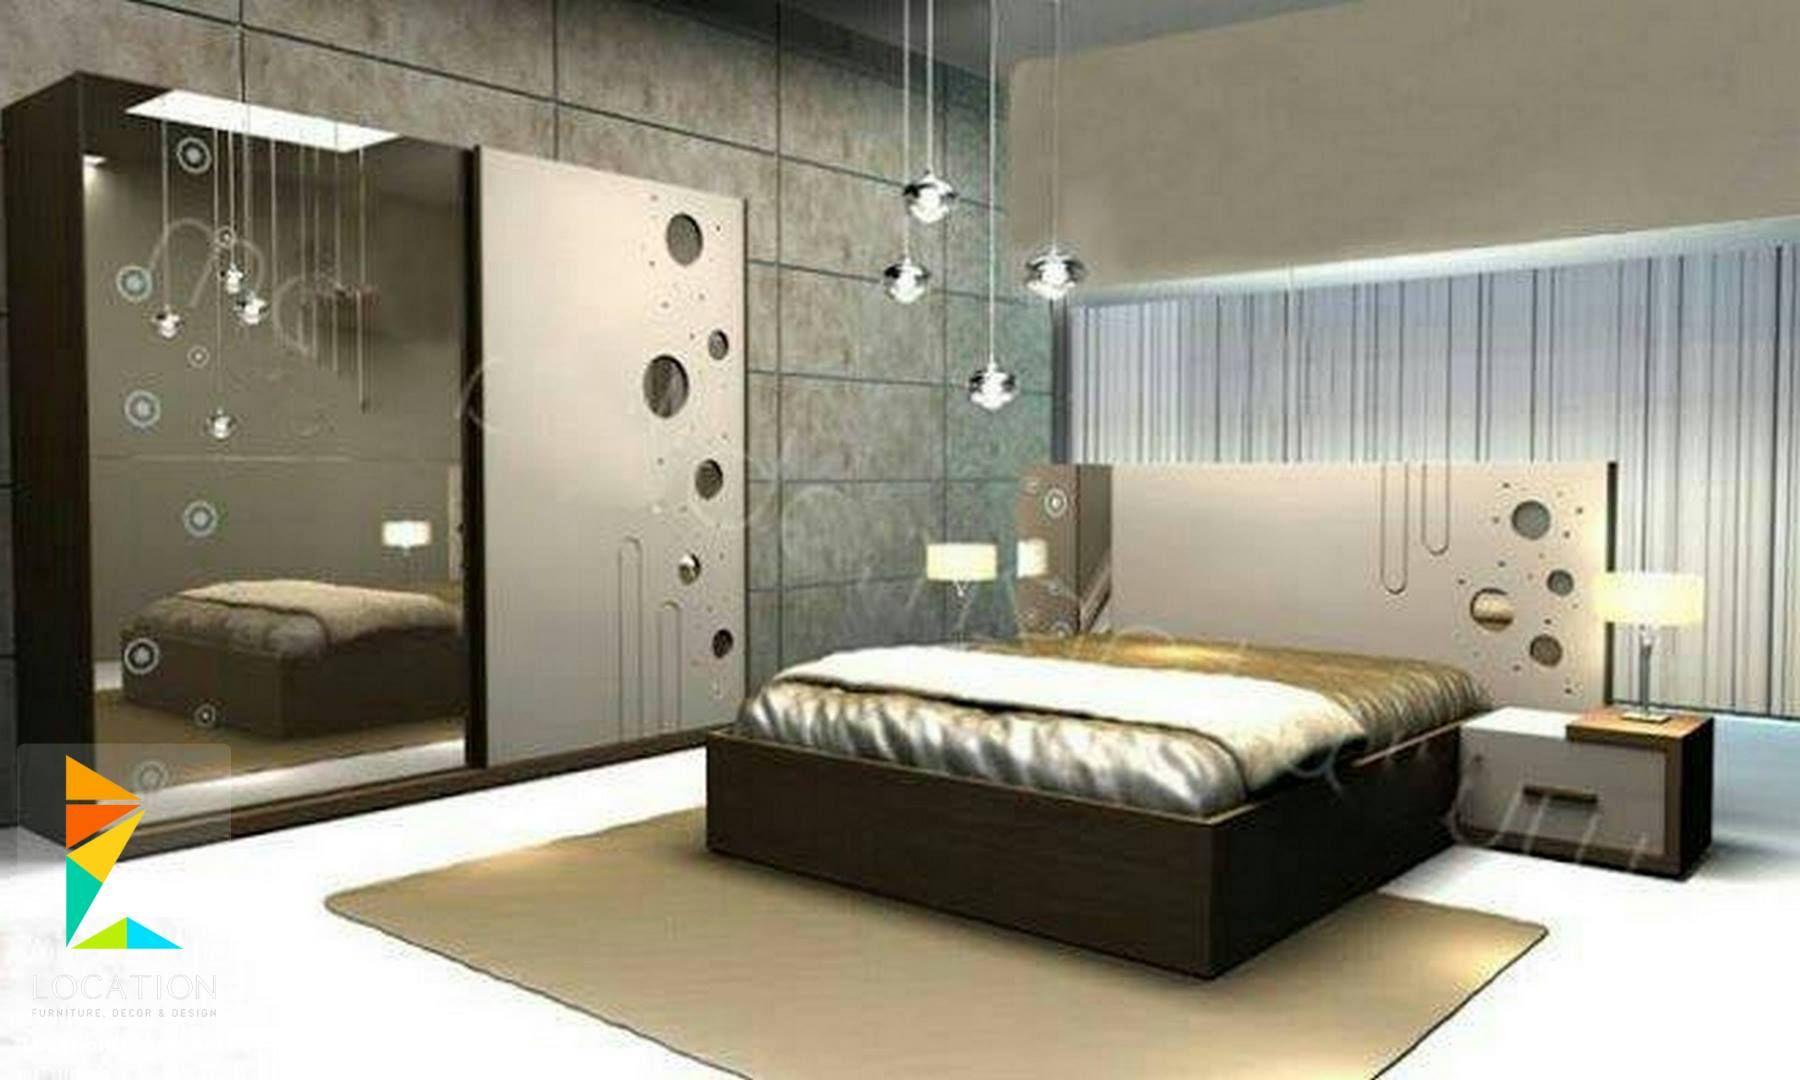 احدث تصميمات غرف نوم مودرن للعرسان بكل شكل ولون موضة 2019 Bed Furniture Design Bedroom Bed Design Wardrobe Design Bedroom